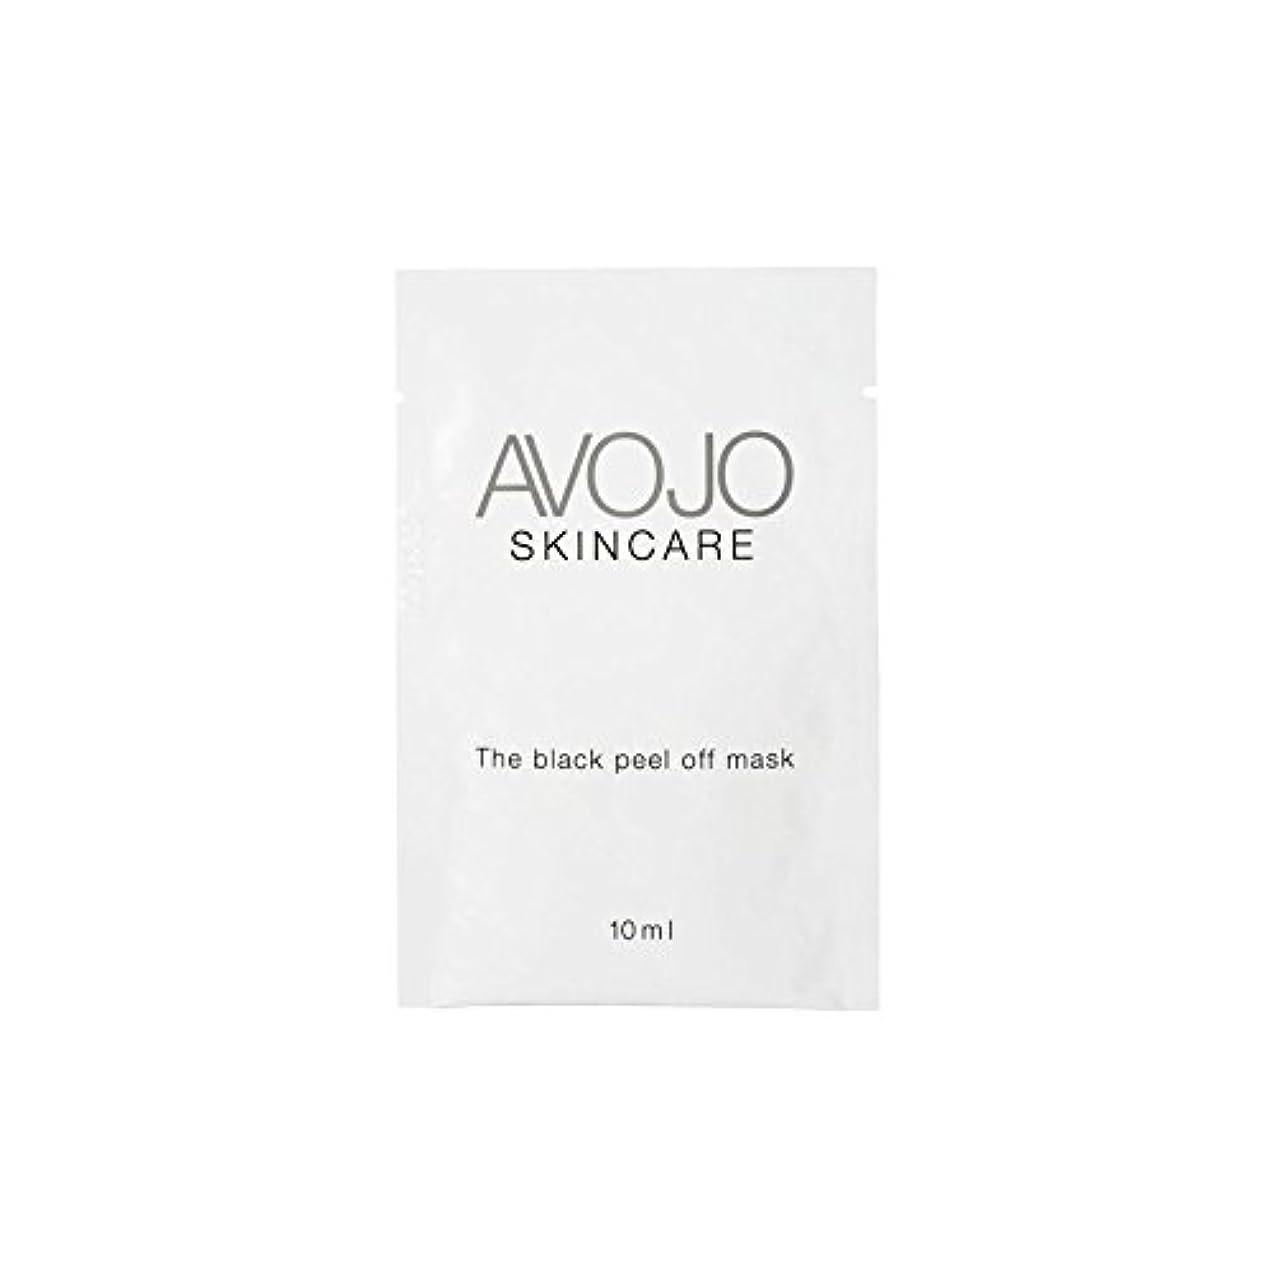 エゴイズム王朝脊椎- ブラックピールオフマスク - 小袋(10ミリリットル×4) x4 - Avojo - The Black Peel Off Mask - Sachet (10ml X 4) (Pack of 4) [並行輸入品]